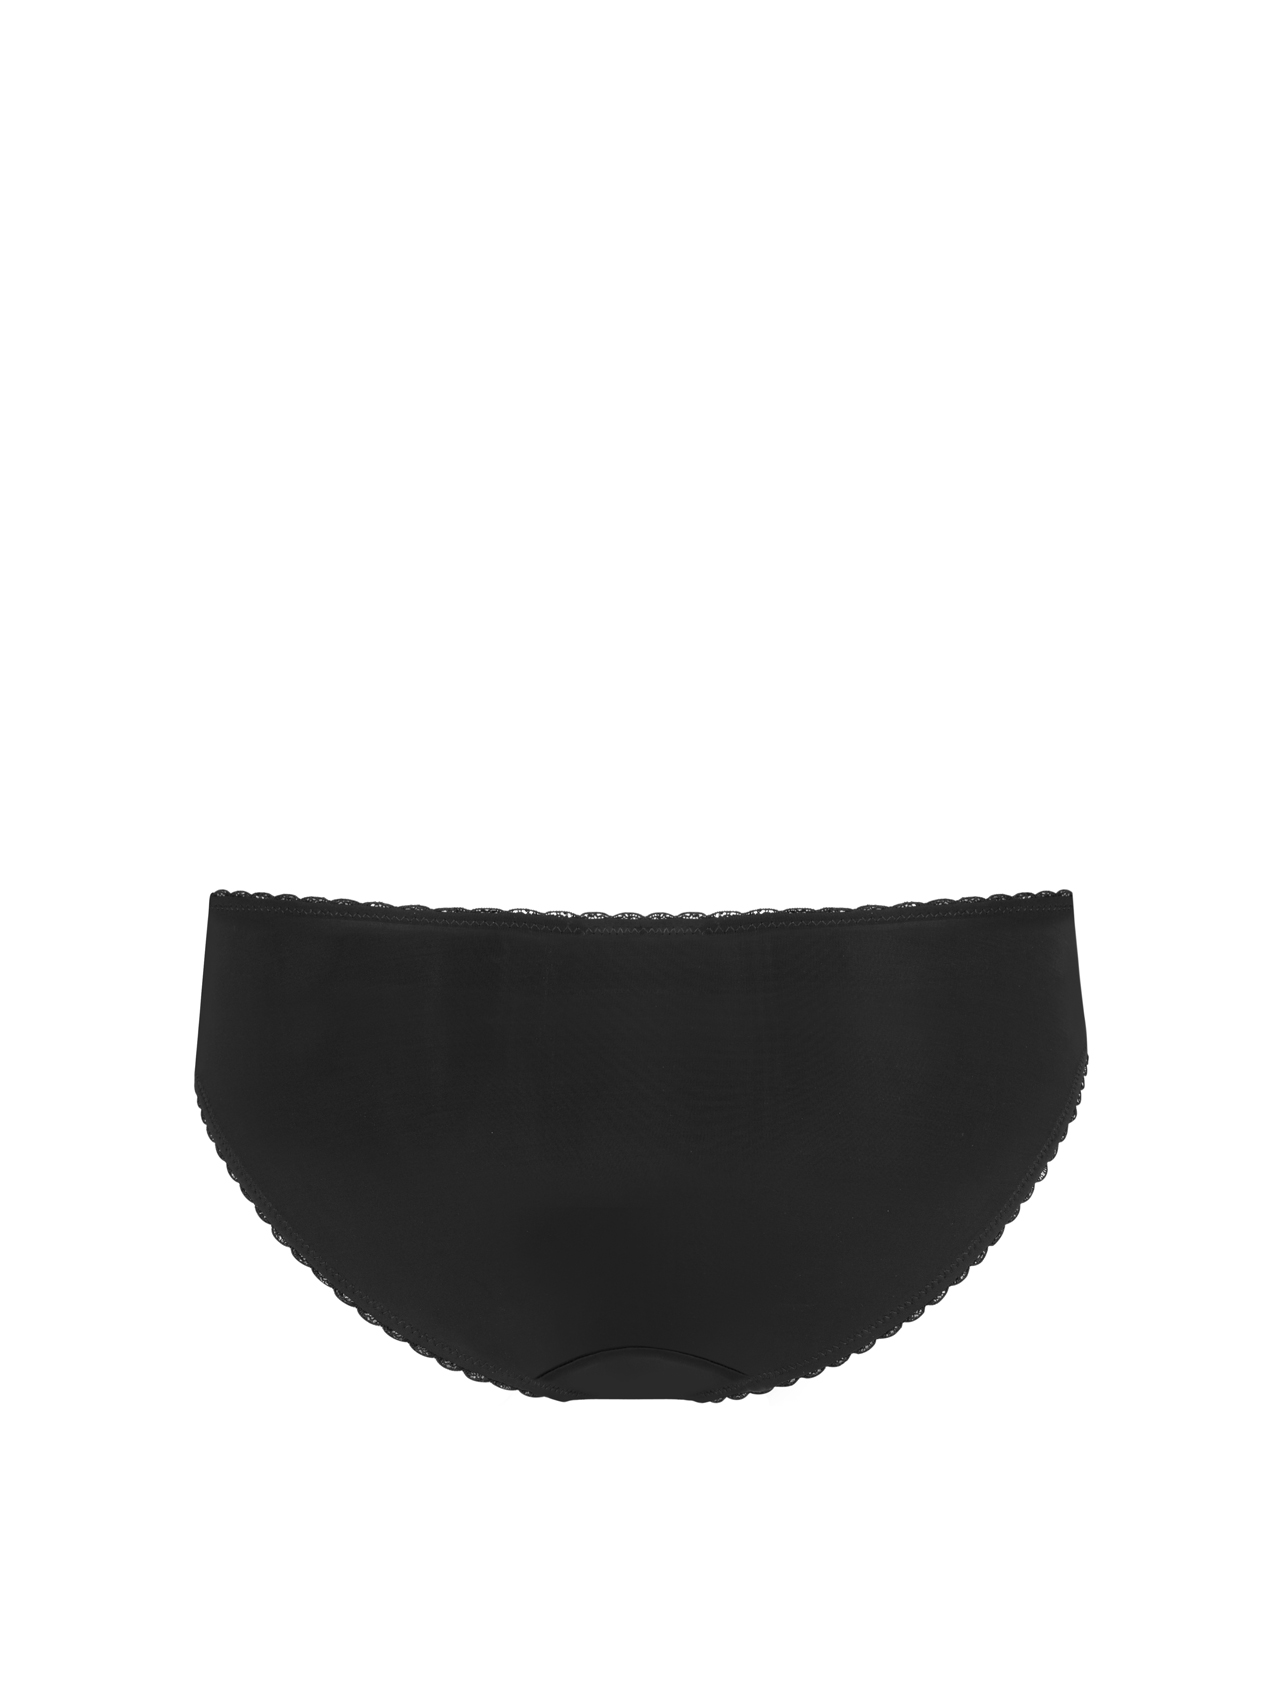 Quần lưng vừa - Culotte - 0201A